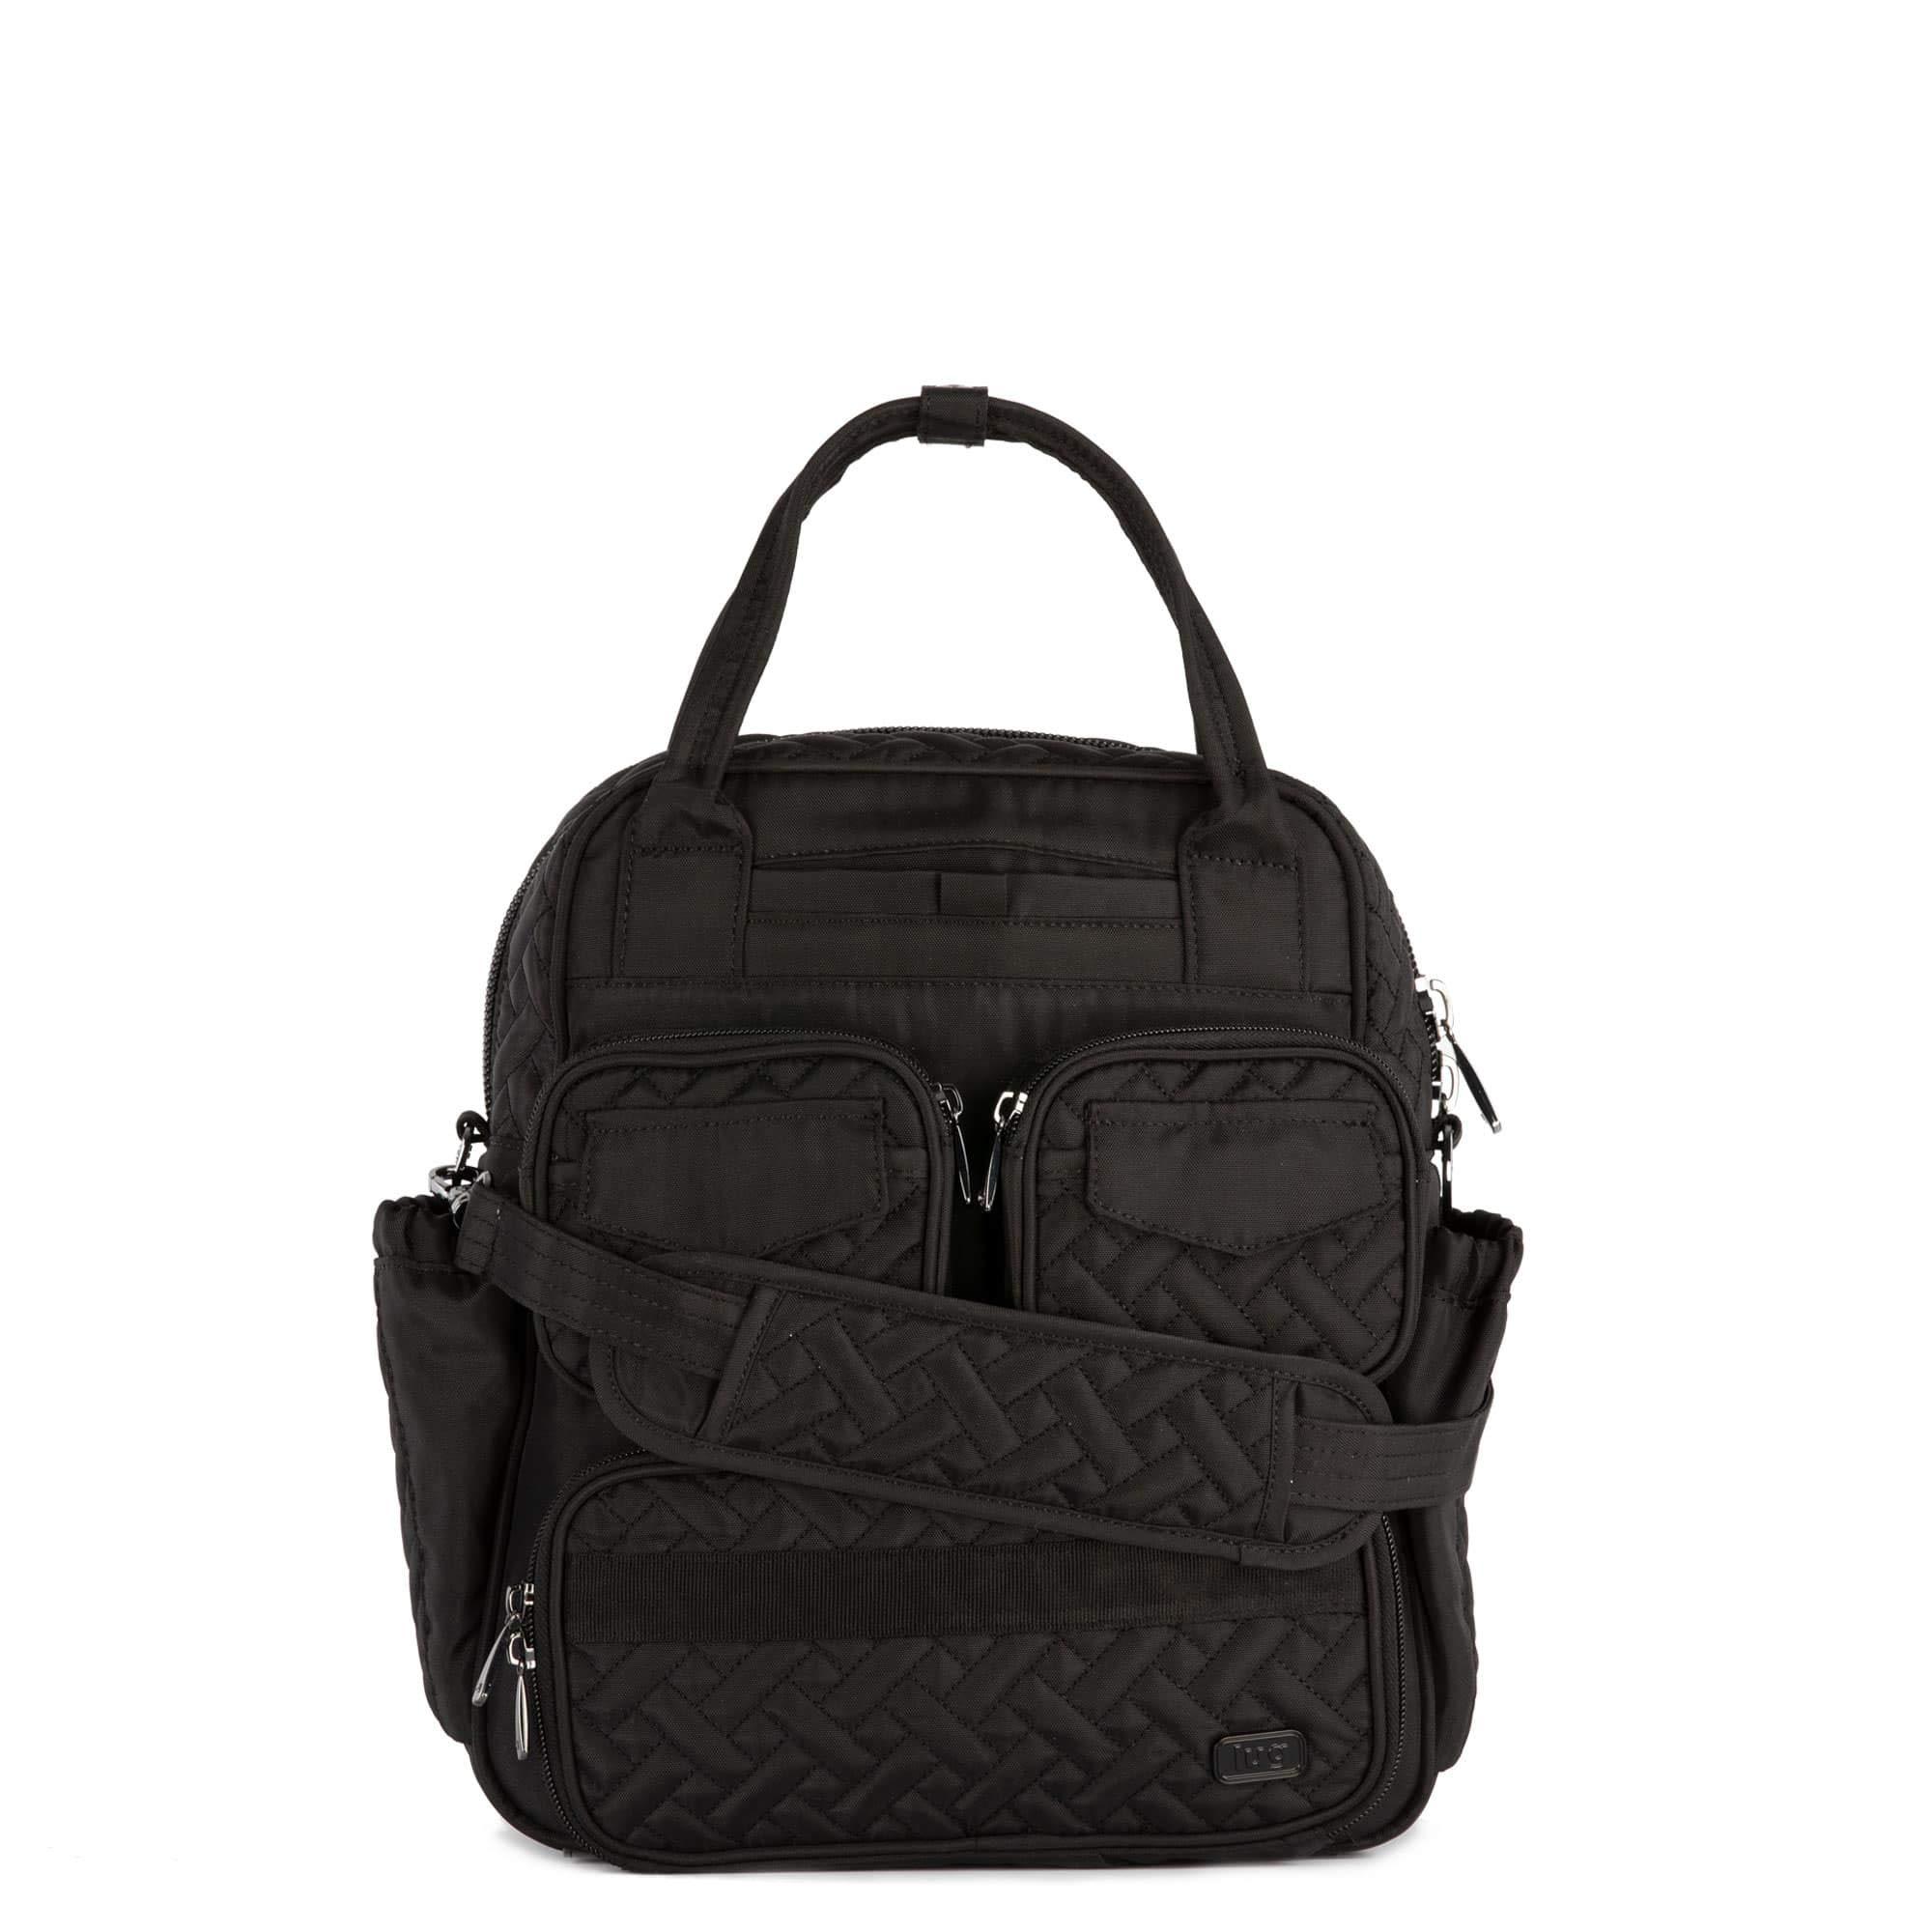 Lug Women's Mini Puddle Jumper, Brushed Black Shoulder Bag, One Size